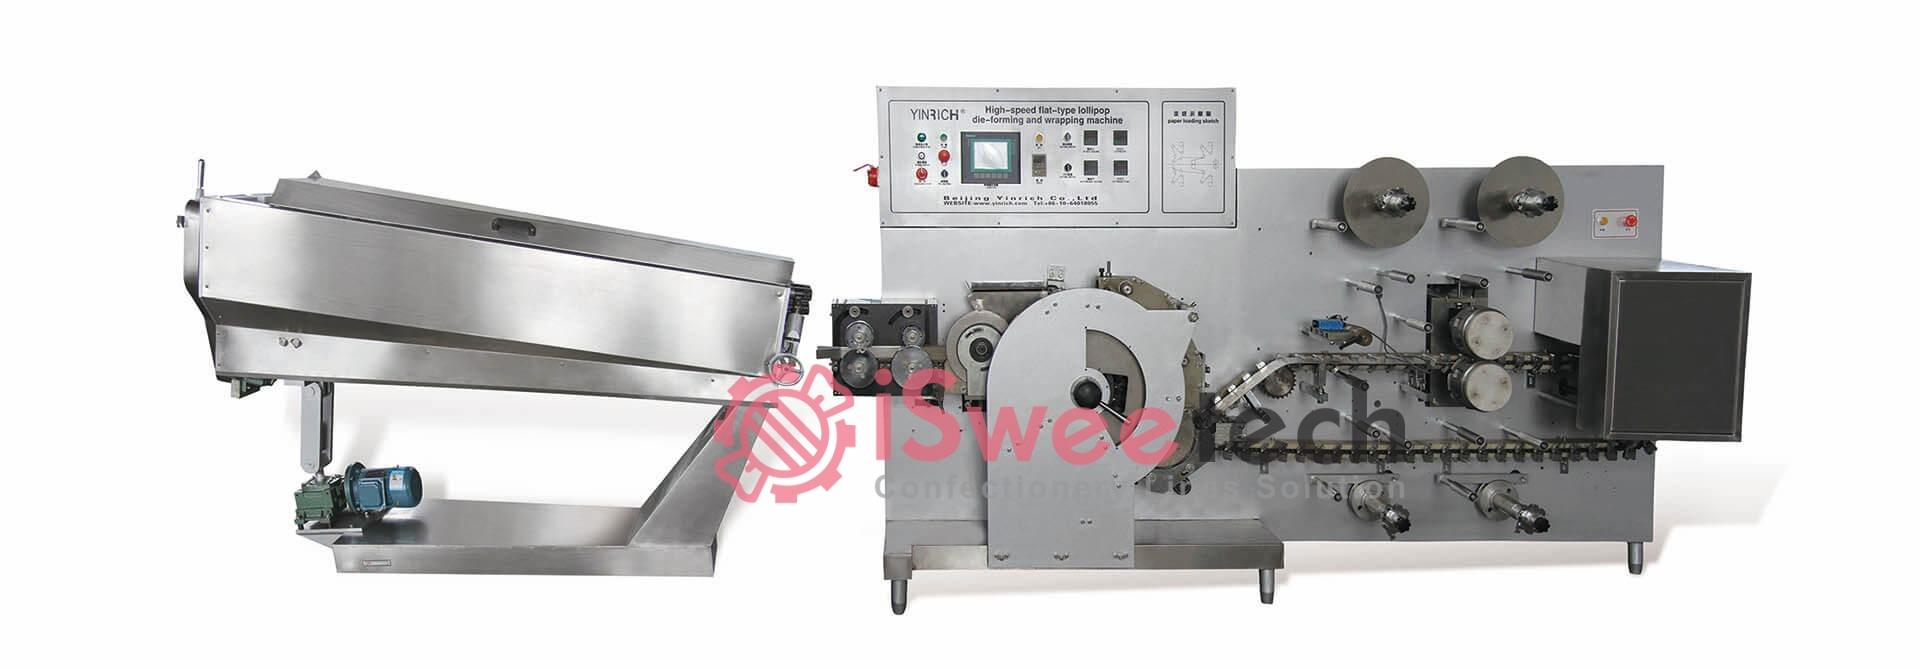 TE600 Flat- Lollipop Production Line